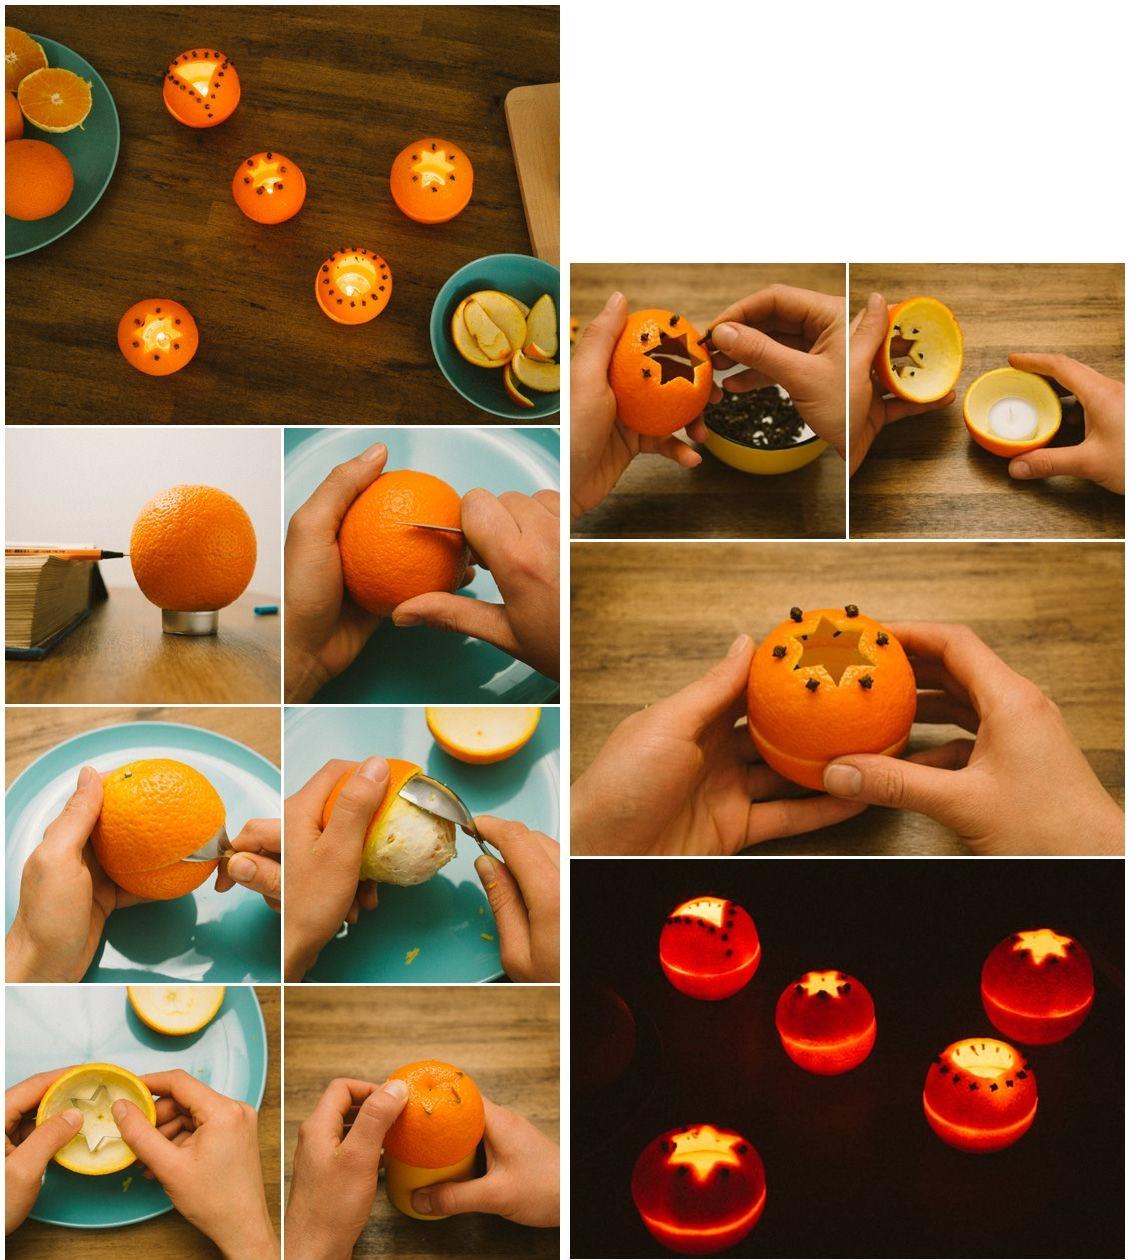 Изготовление подсвечников из апельсинов своими руками